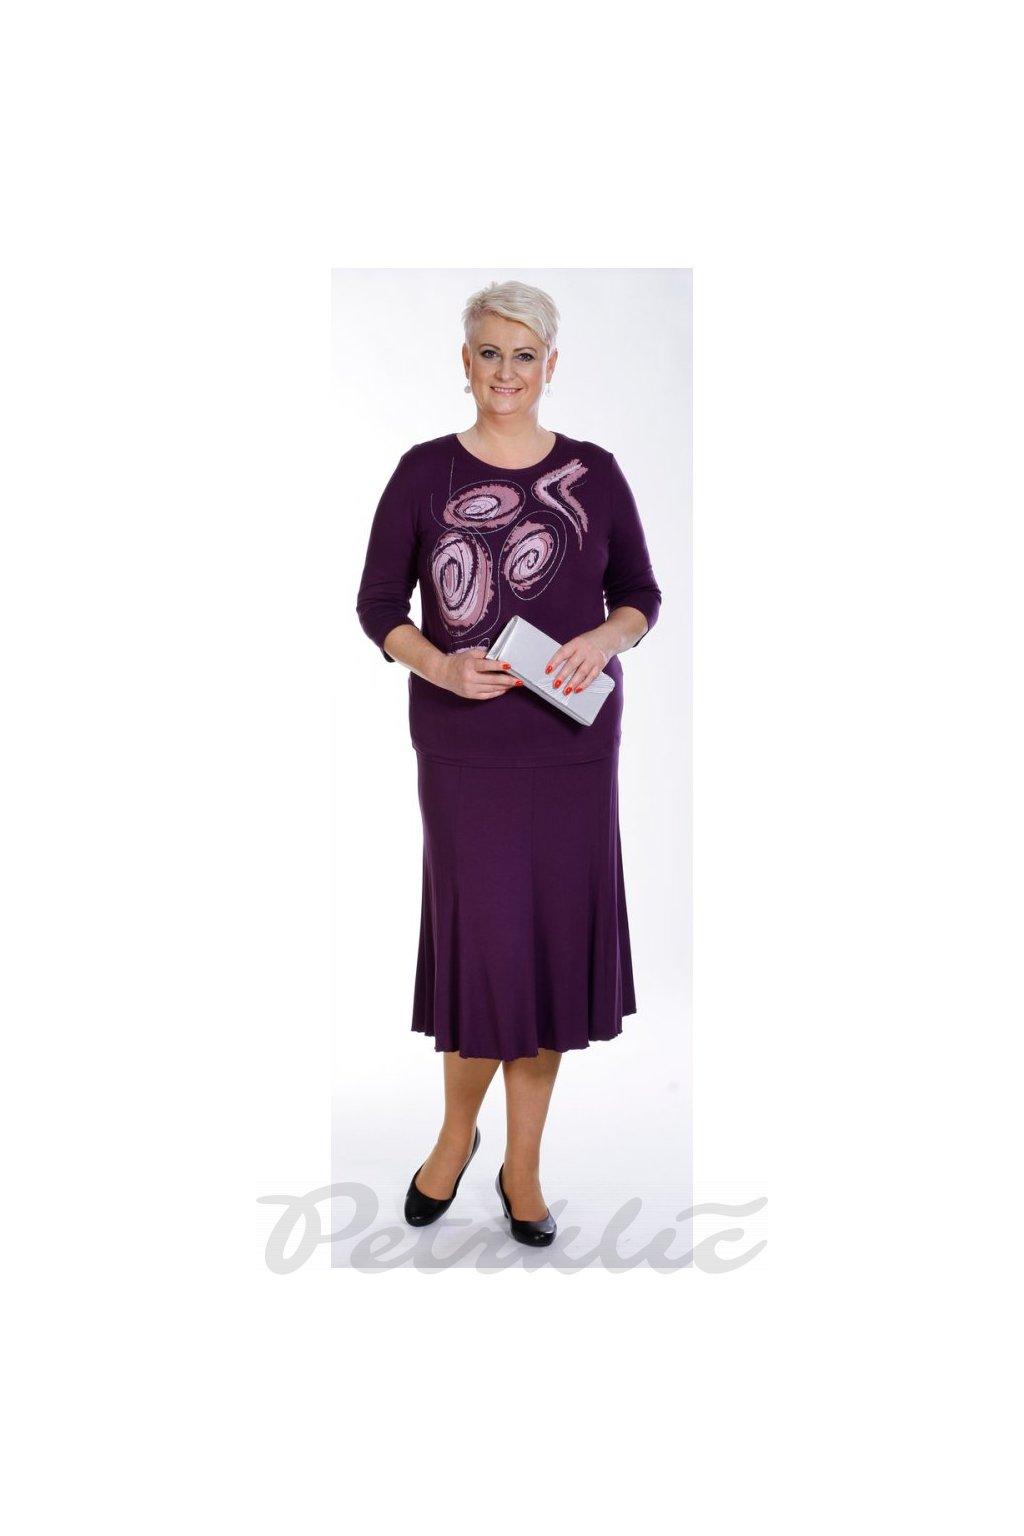 NOGA - dílová sukně 80 - 85 cm